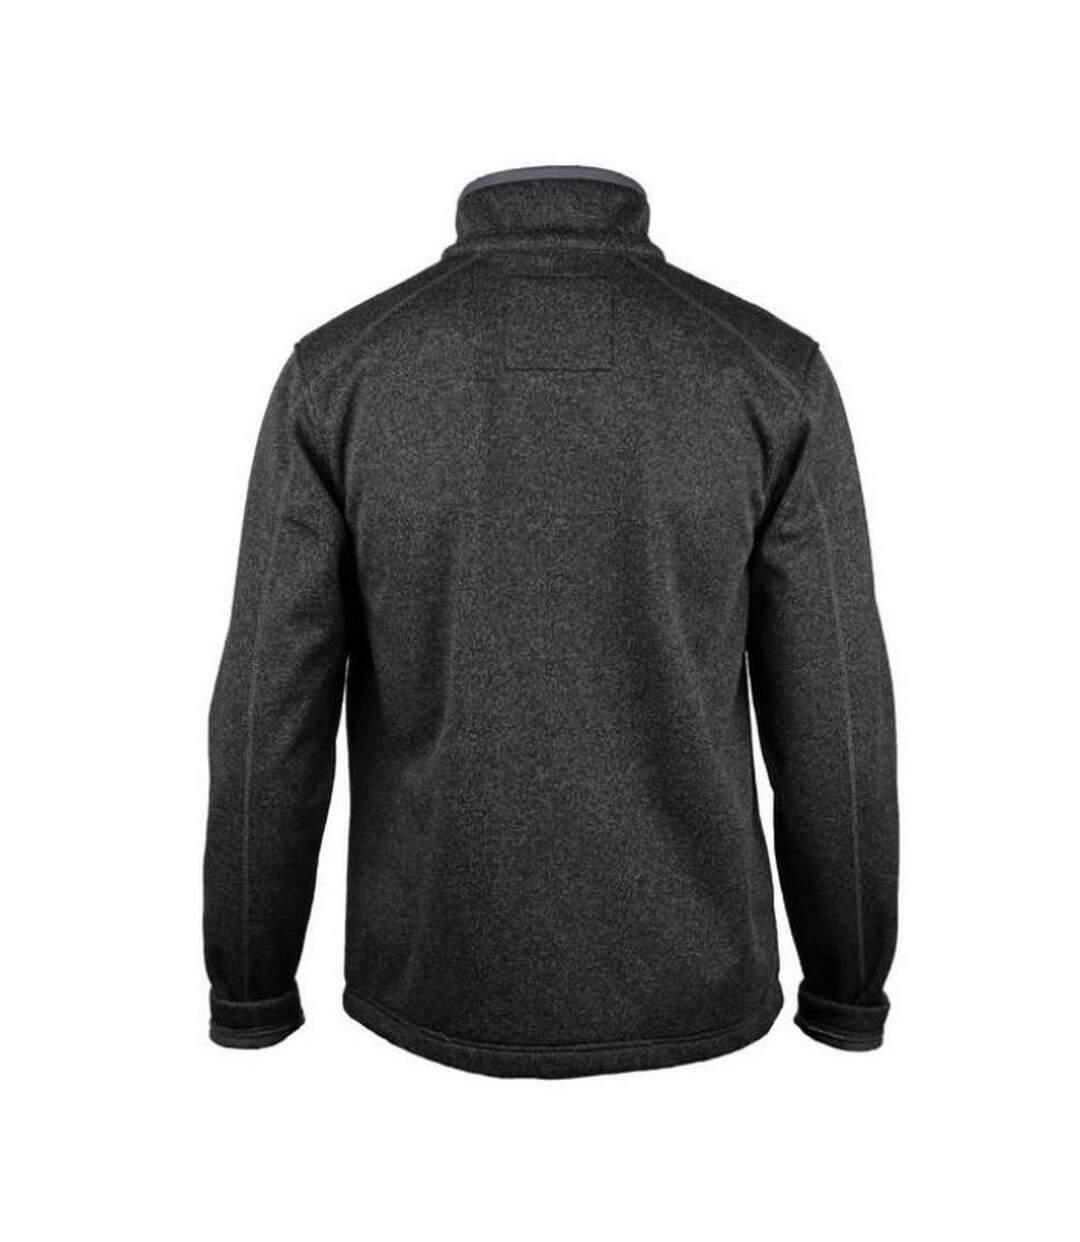 CAT Lifestyle Mens Polar Fleece Jacket (Black) - UTFS5374